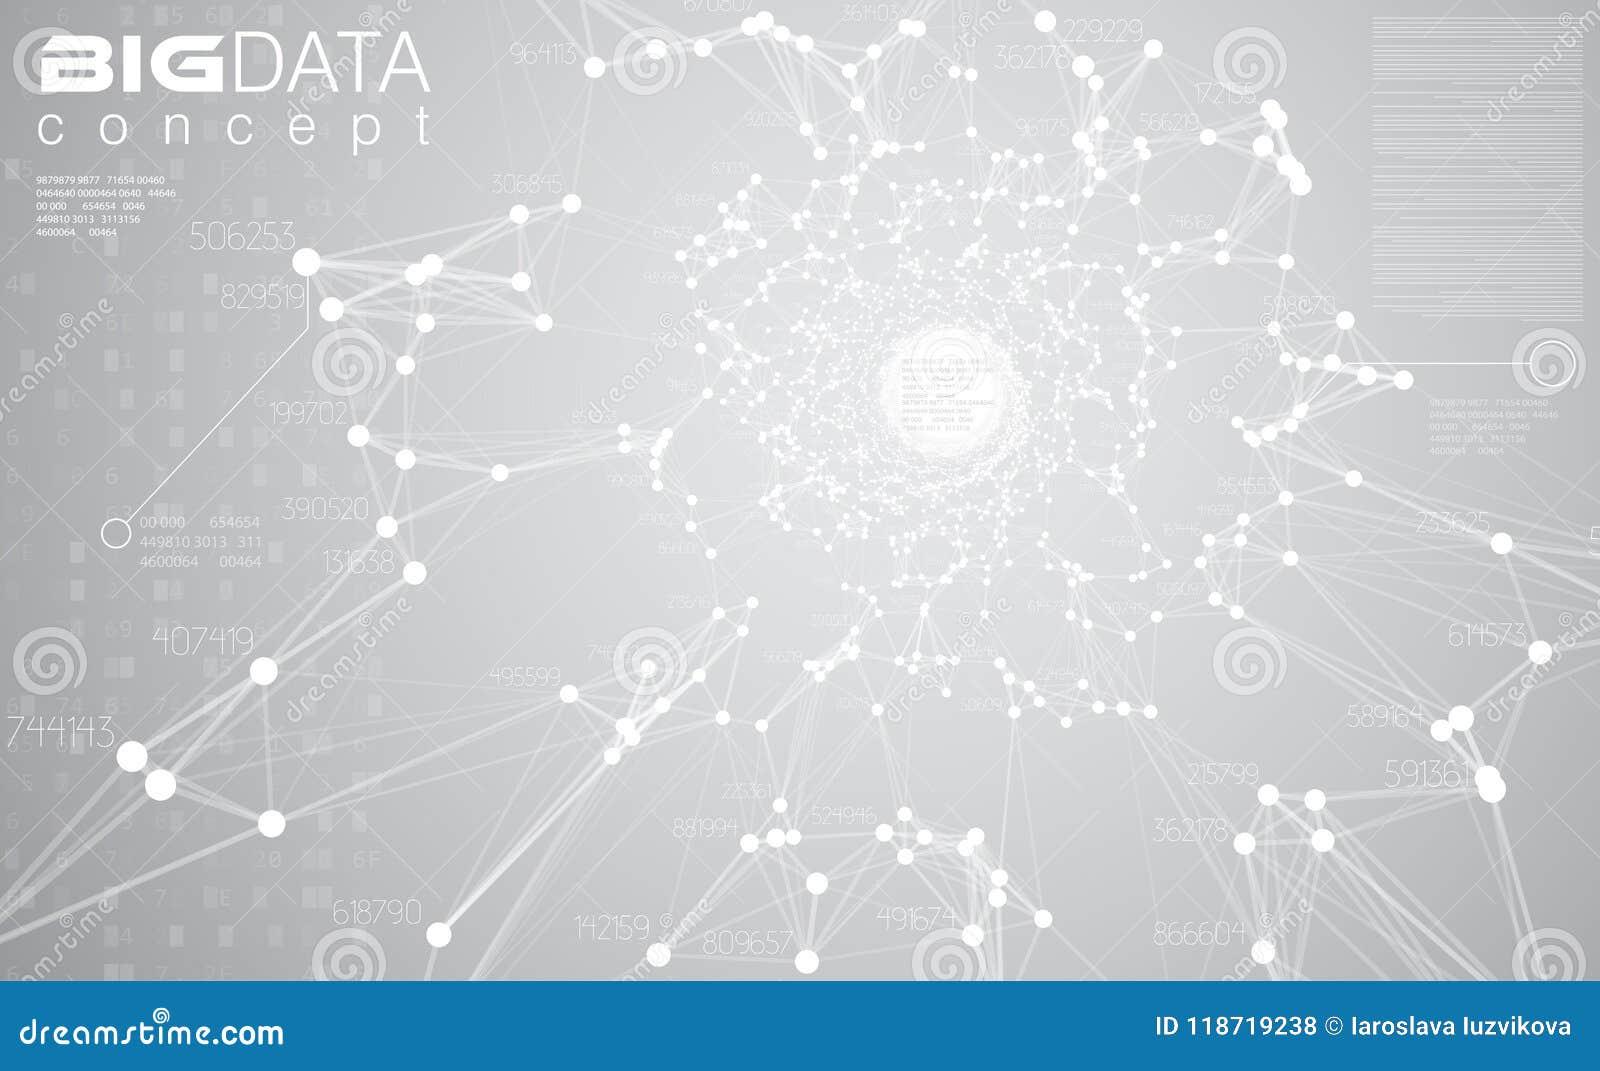 Illustrazione grigio chiaro di vettore del fondo di grandi dati Le informazioni bianche scorrono la visualizzazione concentrare T